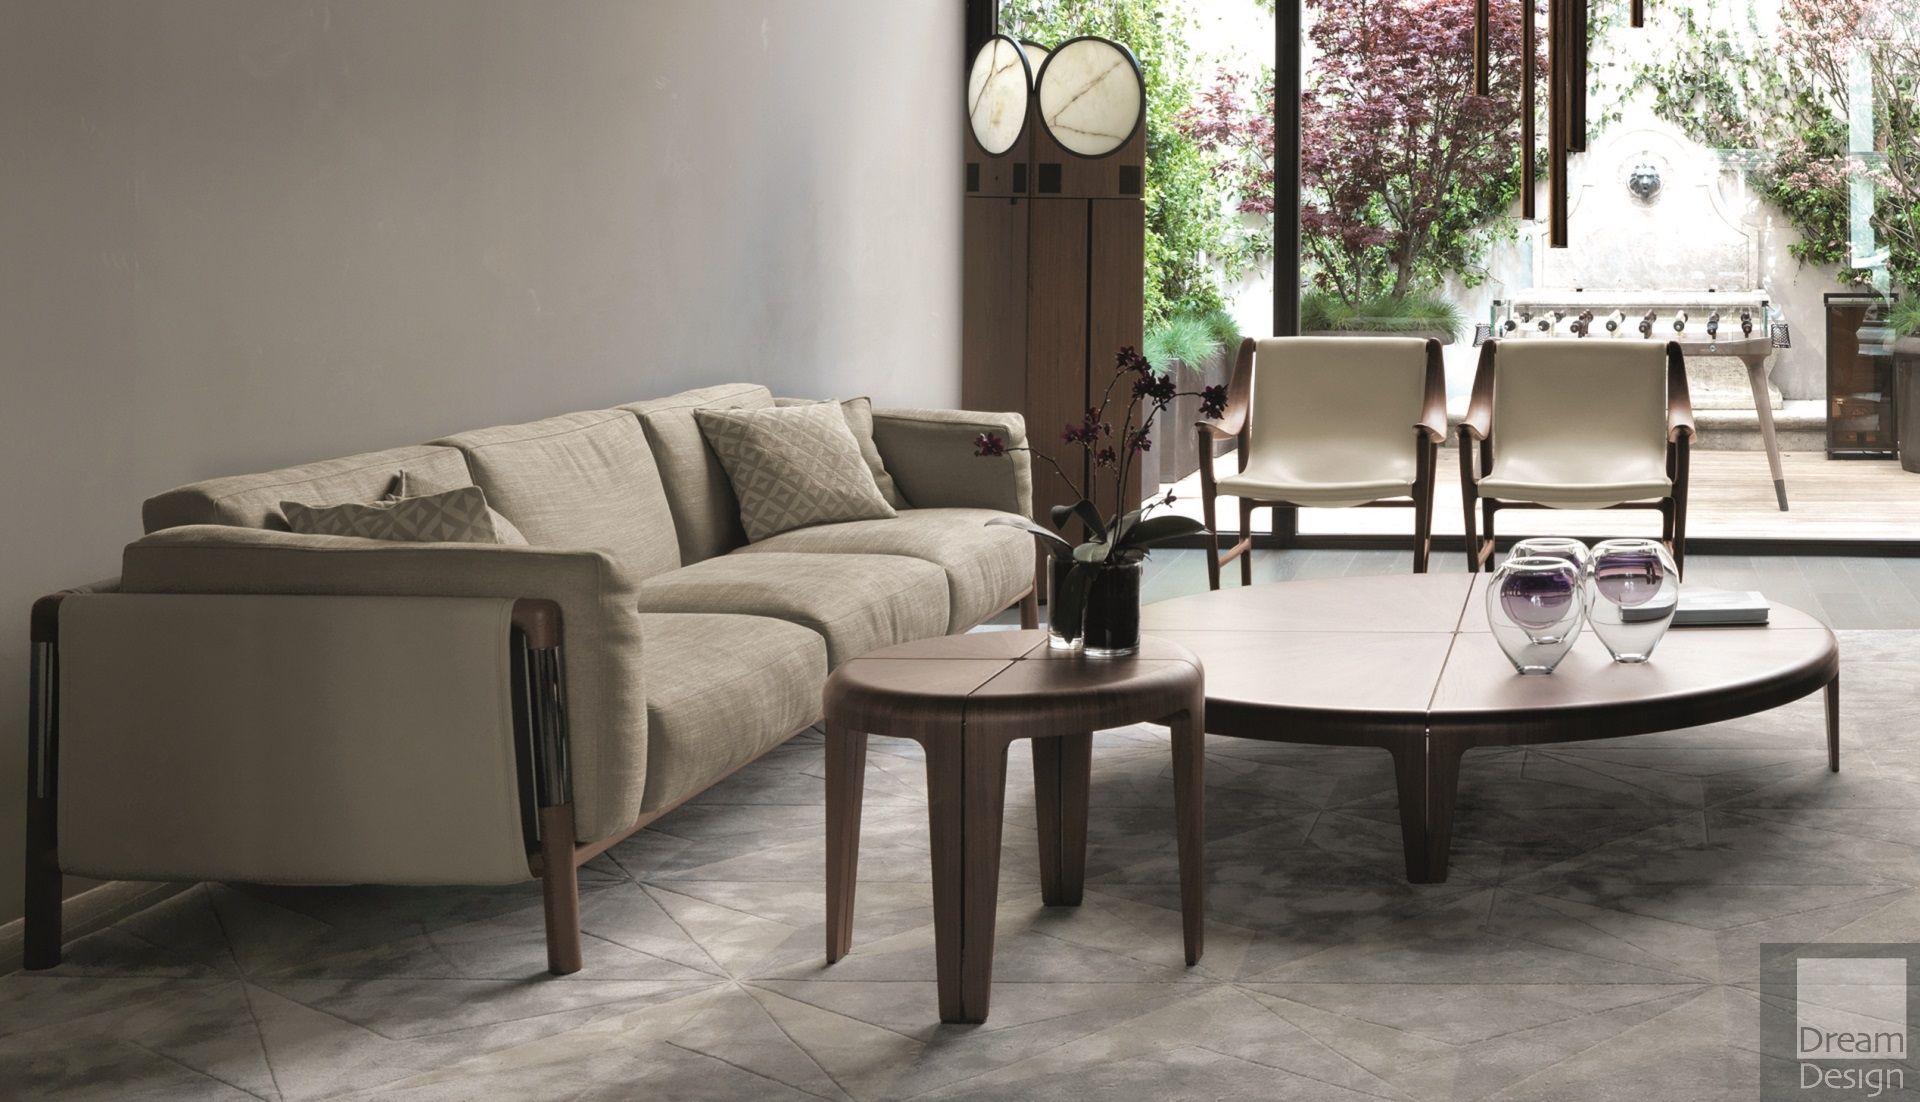 Urban Sofa Sofa design, Luxury interior, Sofa